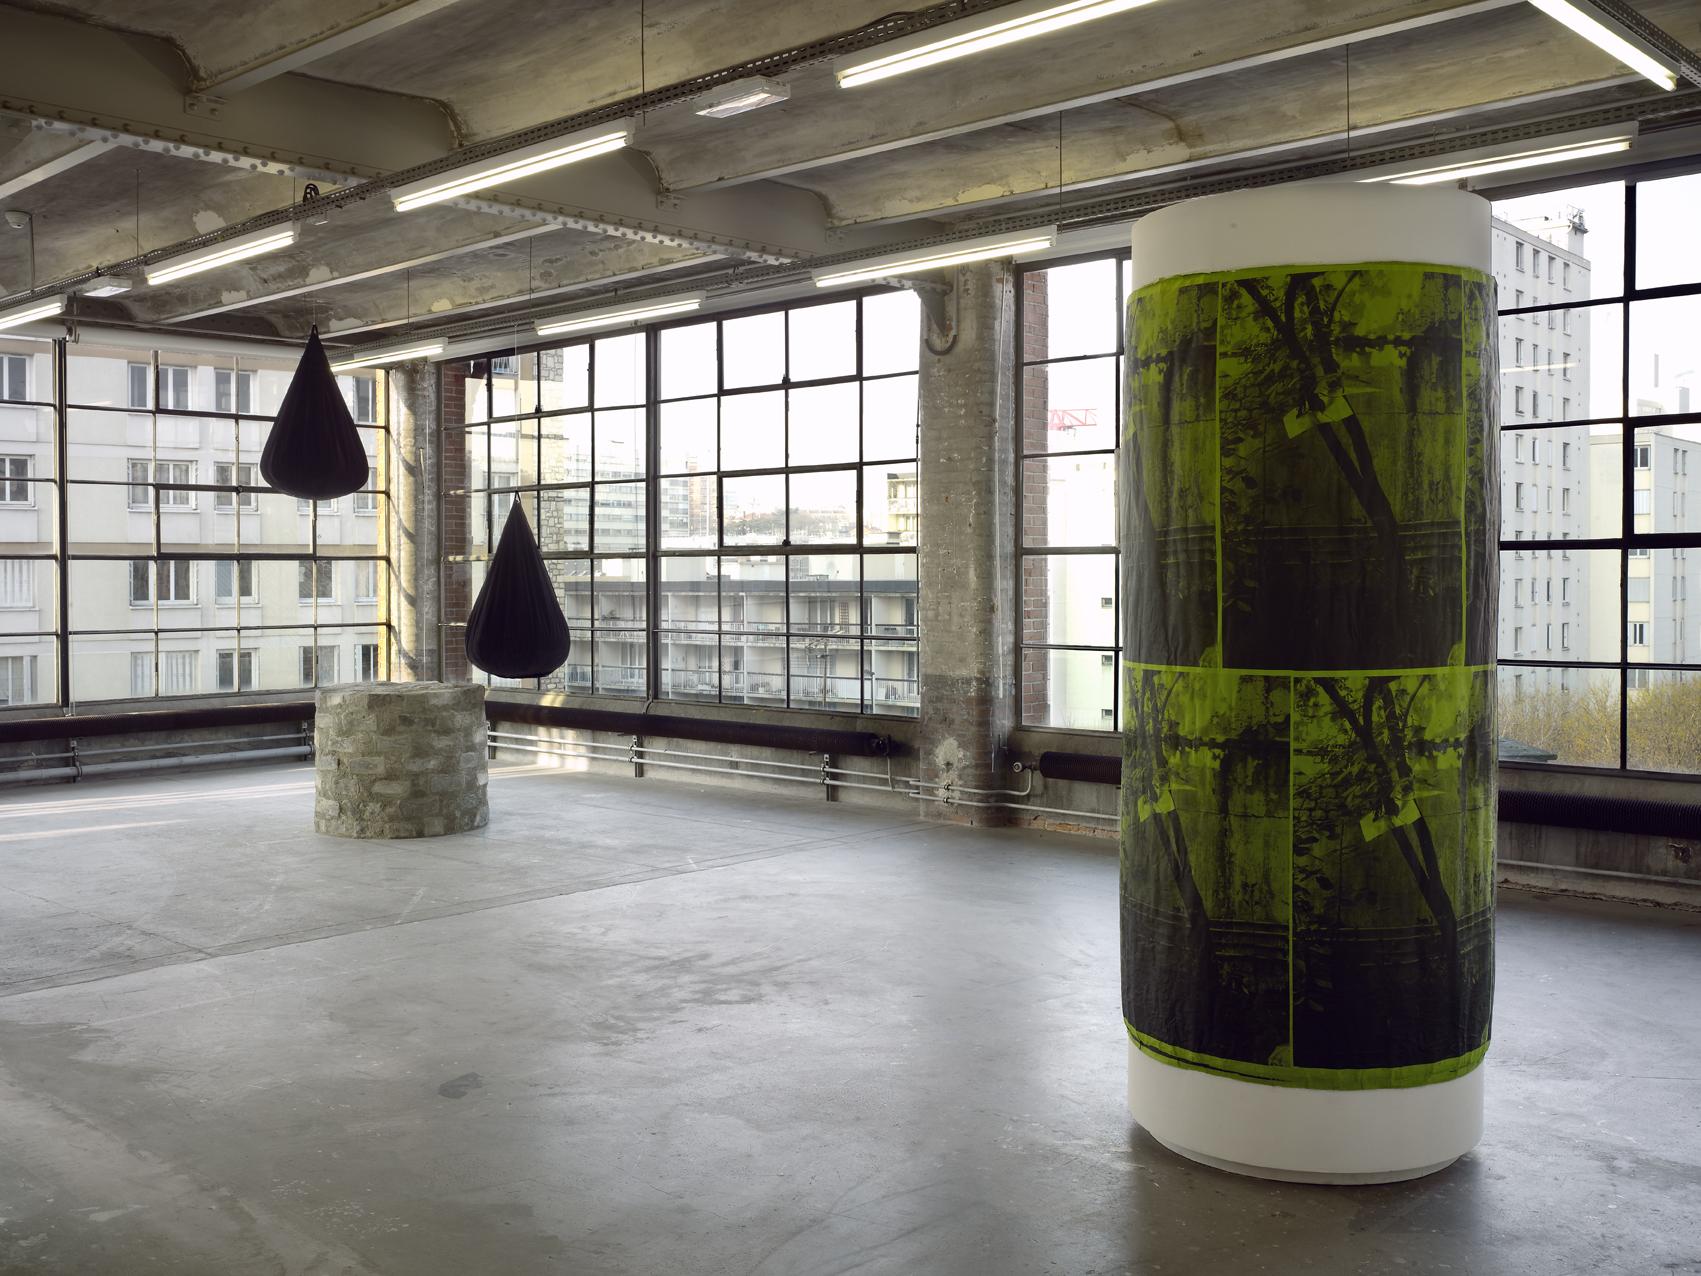 Installation view: Workmanship of Certainty, Centre d'art contemporain d'Ivry – le Crédac, Ivrysur-Seine, France, 2013 |  | ProjecteSD